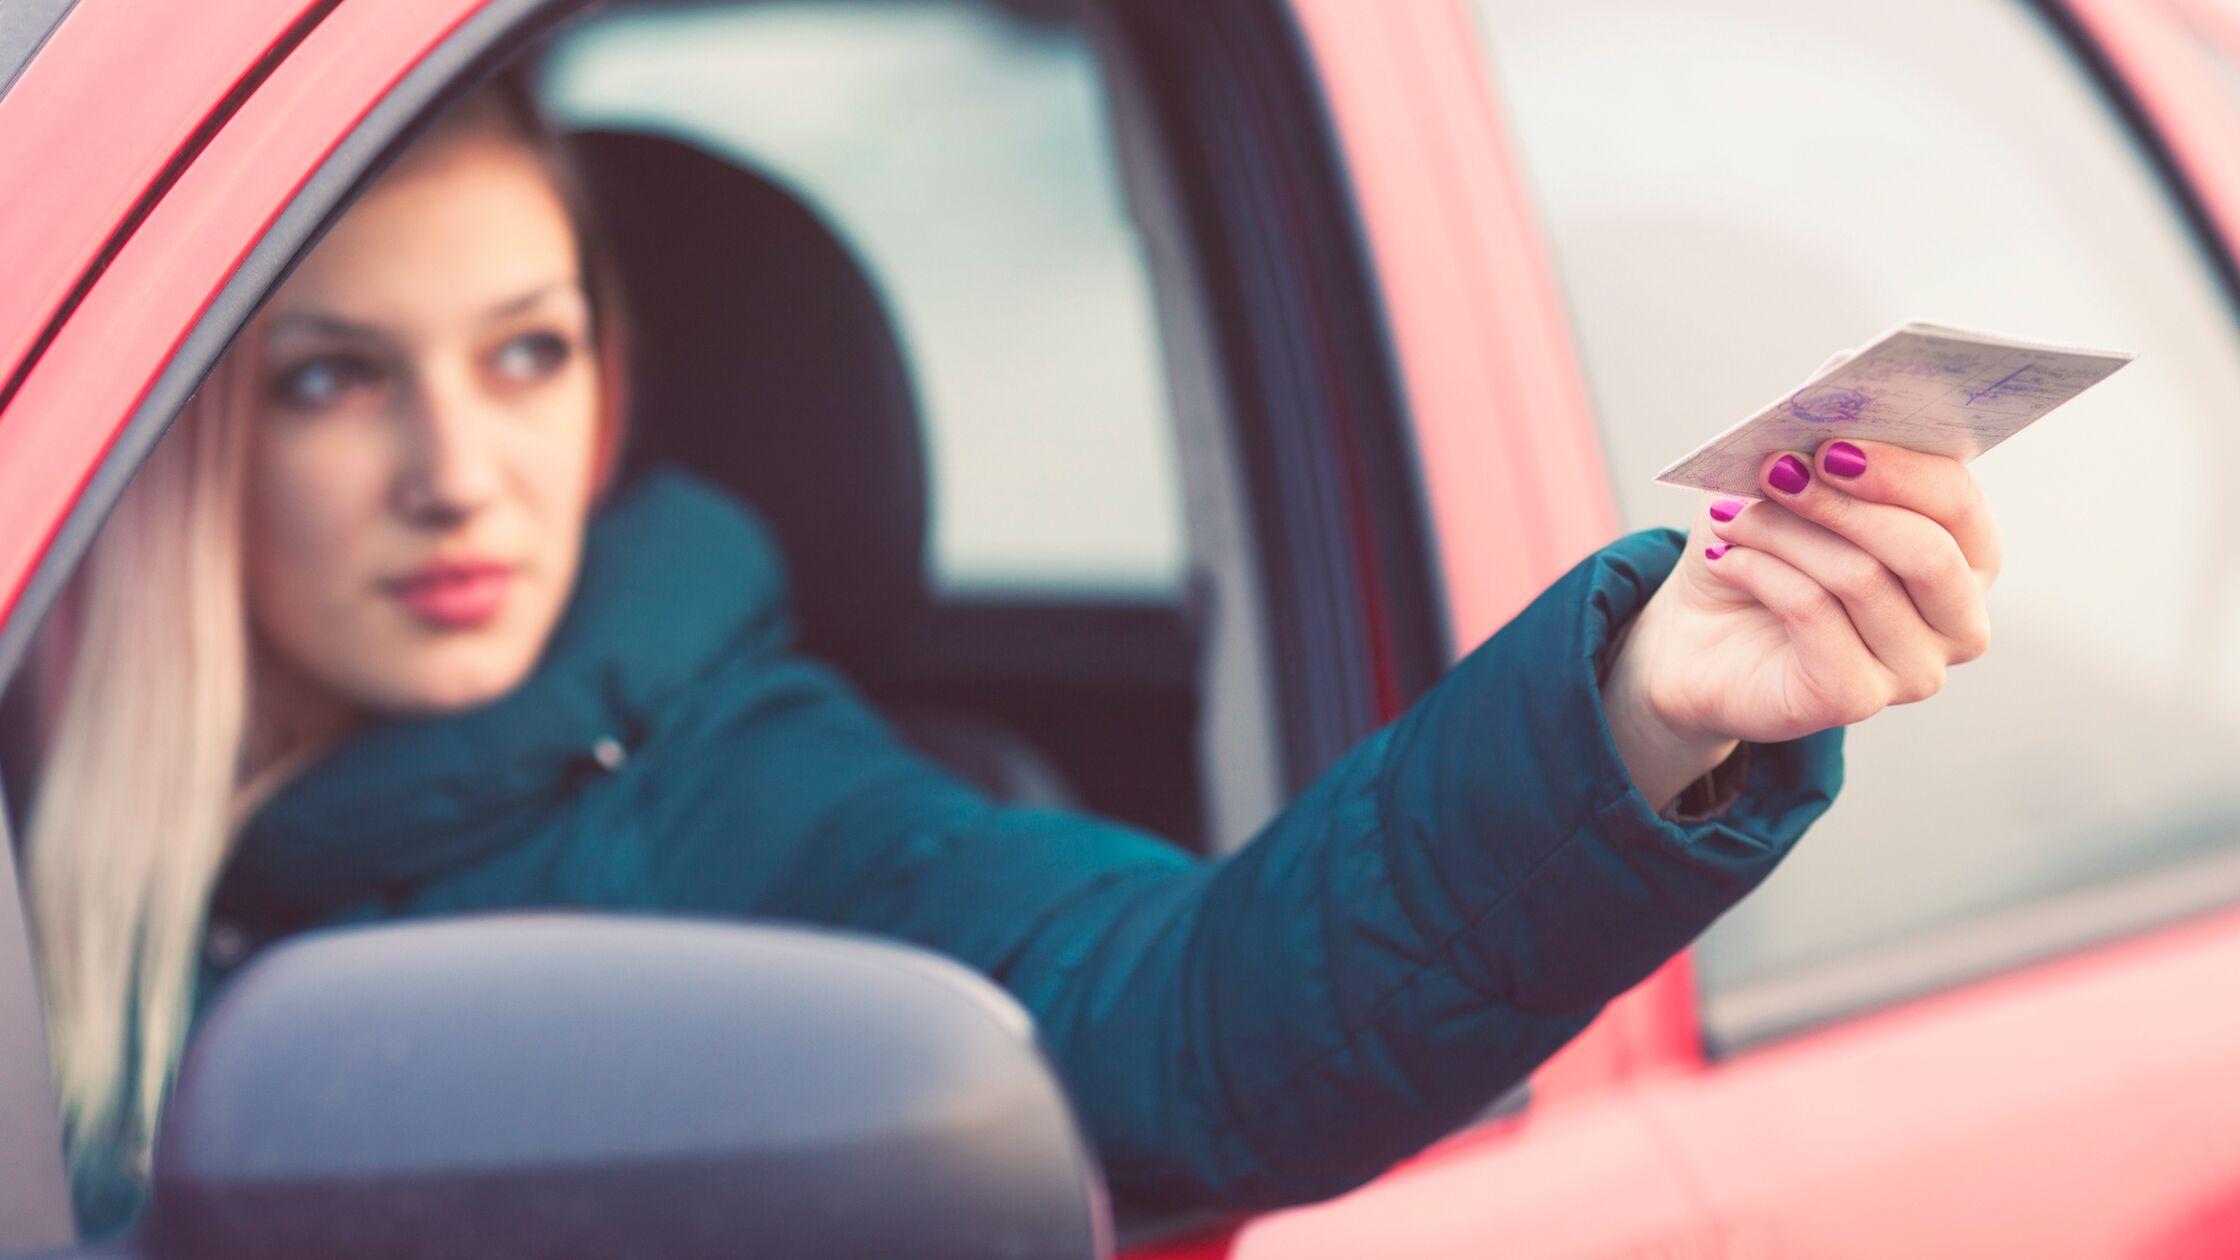 Frau sitzt im Auto und reicht Führerschein durchs Autofenster nach draußen.